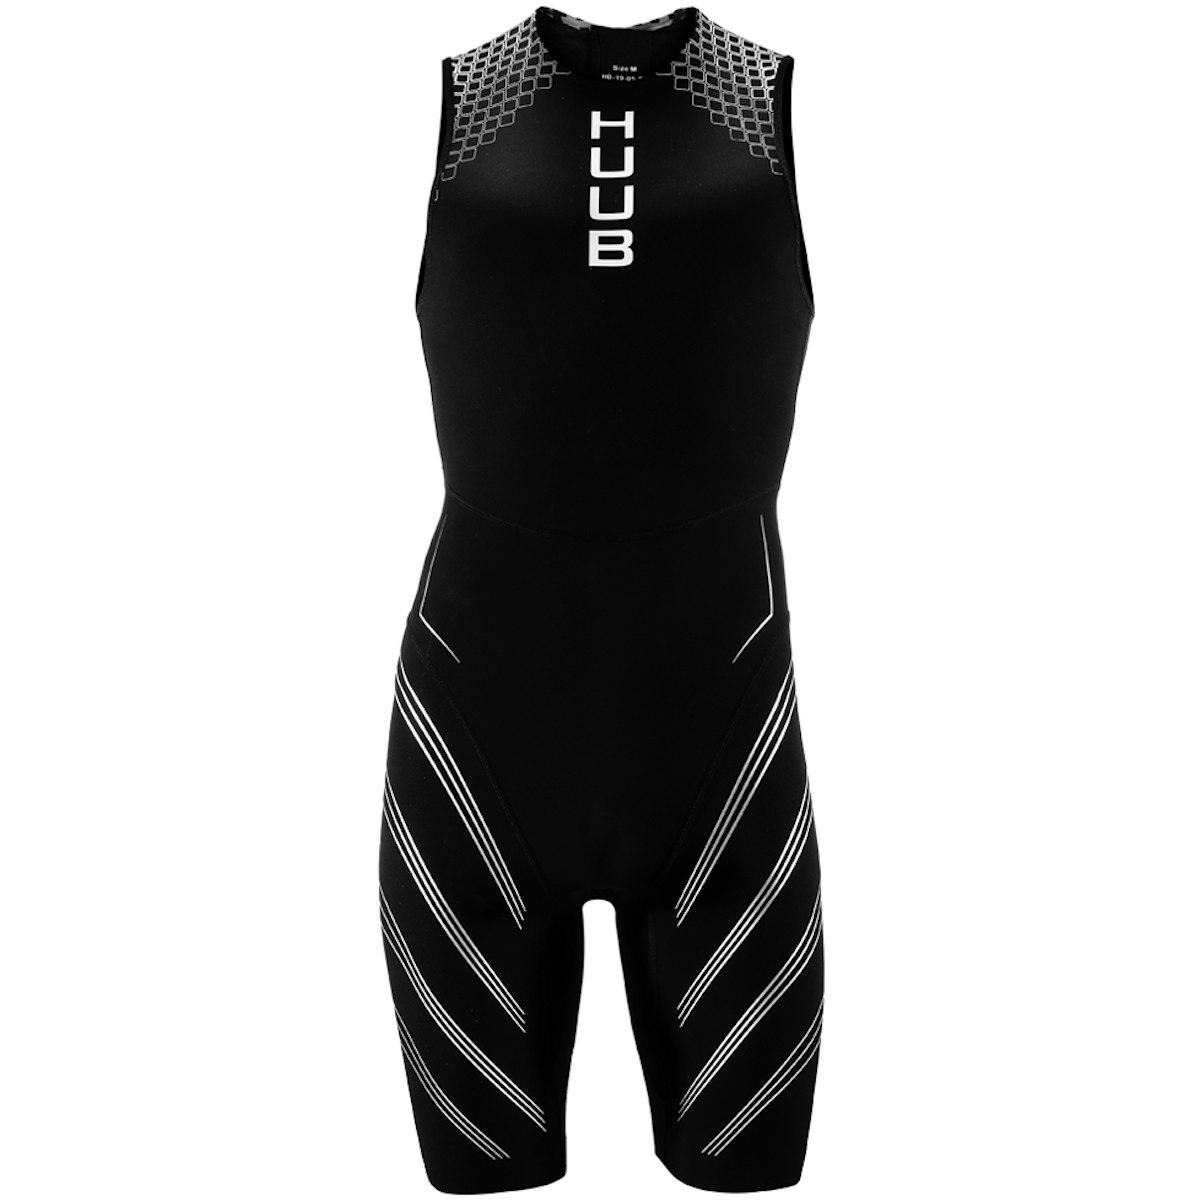 Produktbild von HUUB Design Agilis Swimskin Herren Wetsuit - schwarz/silber